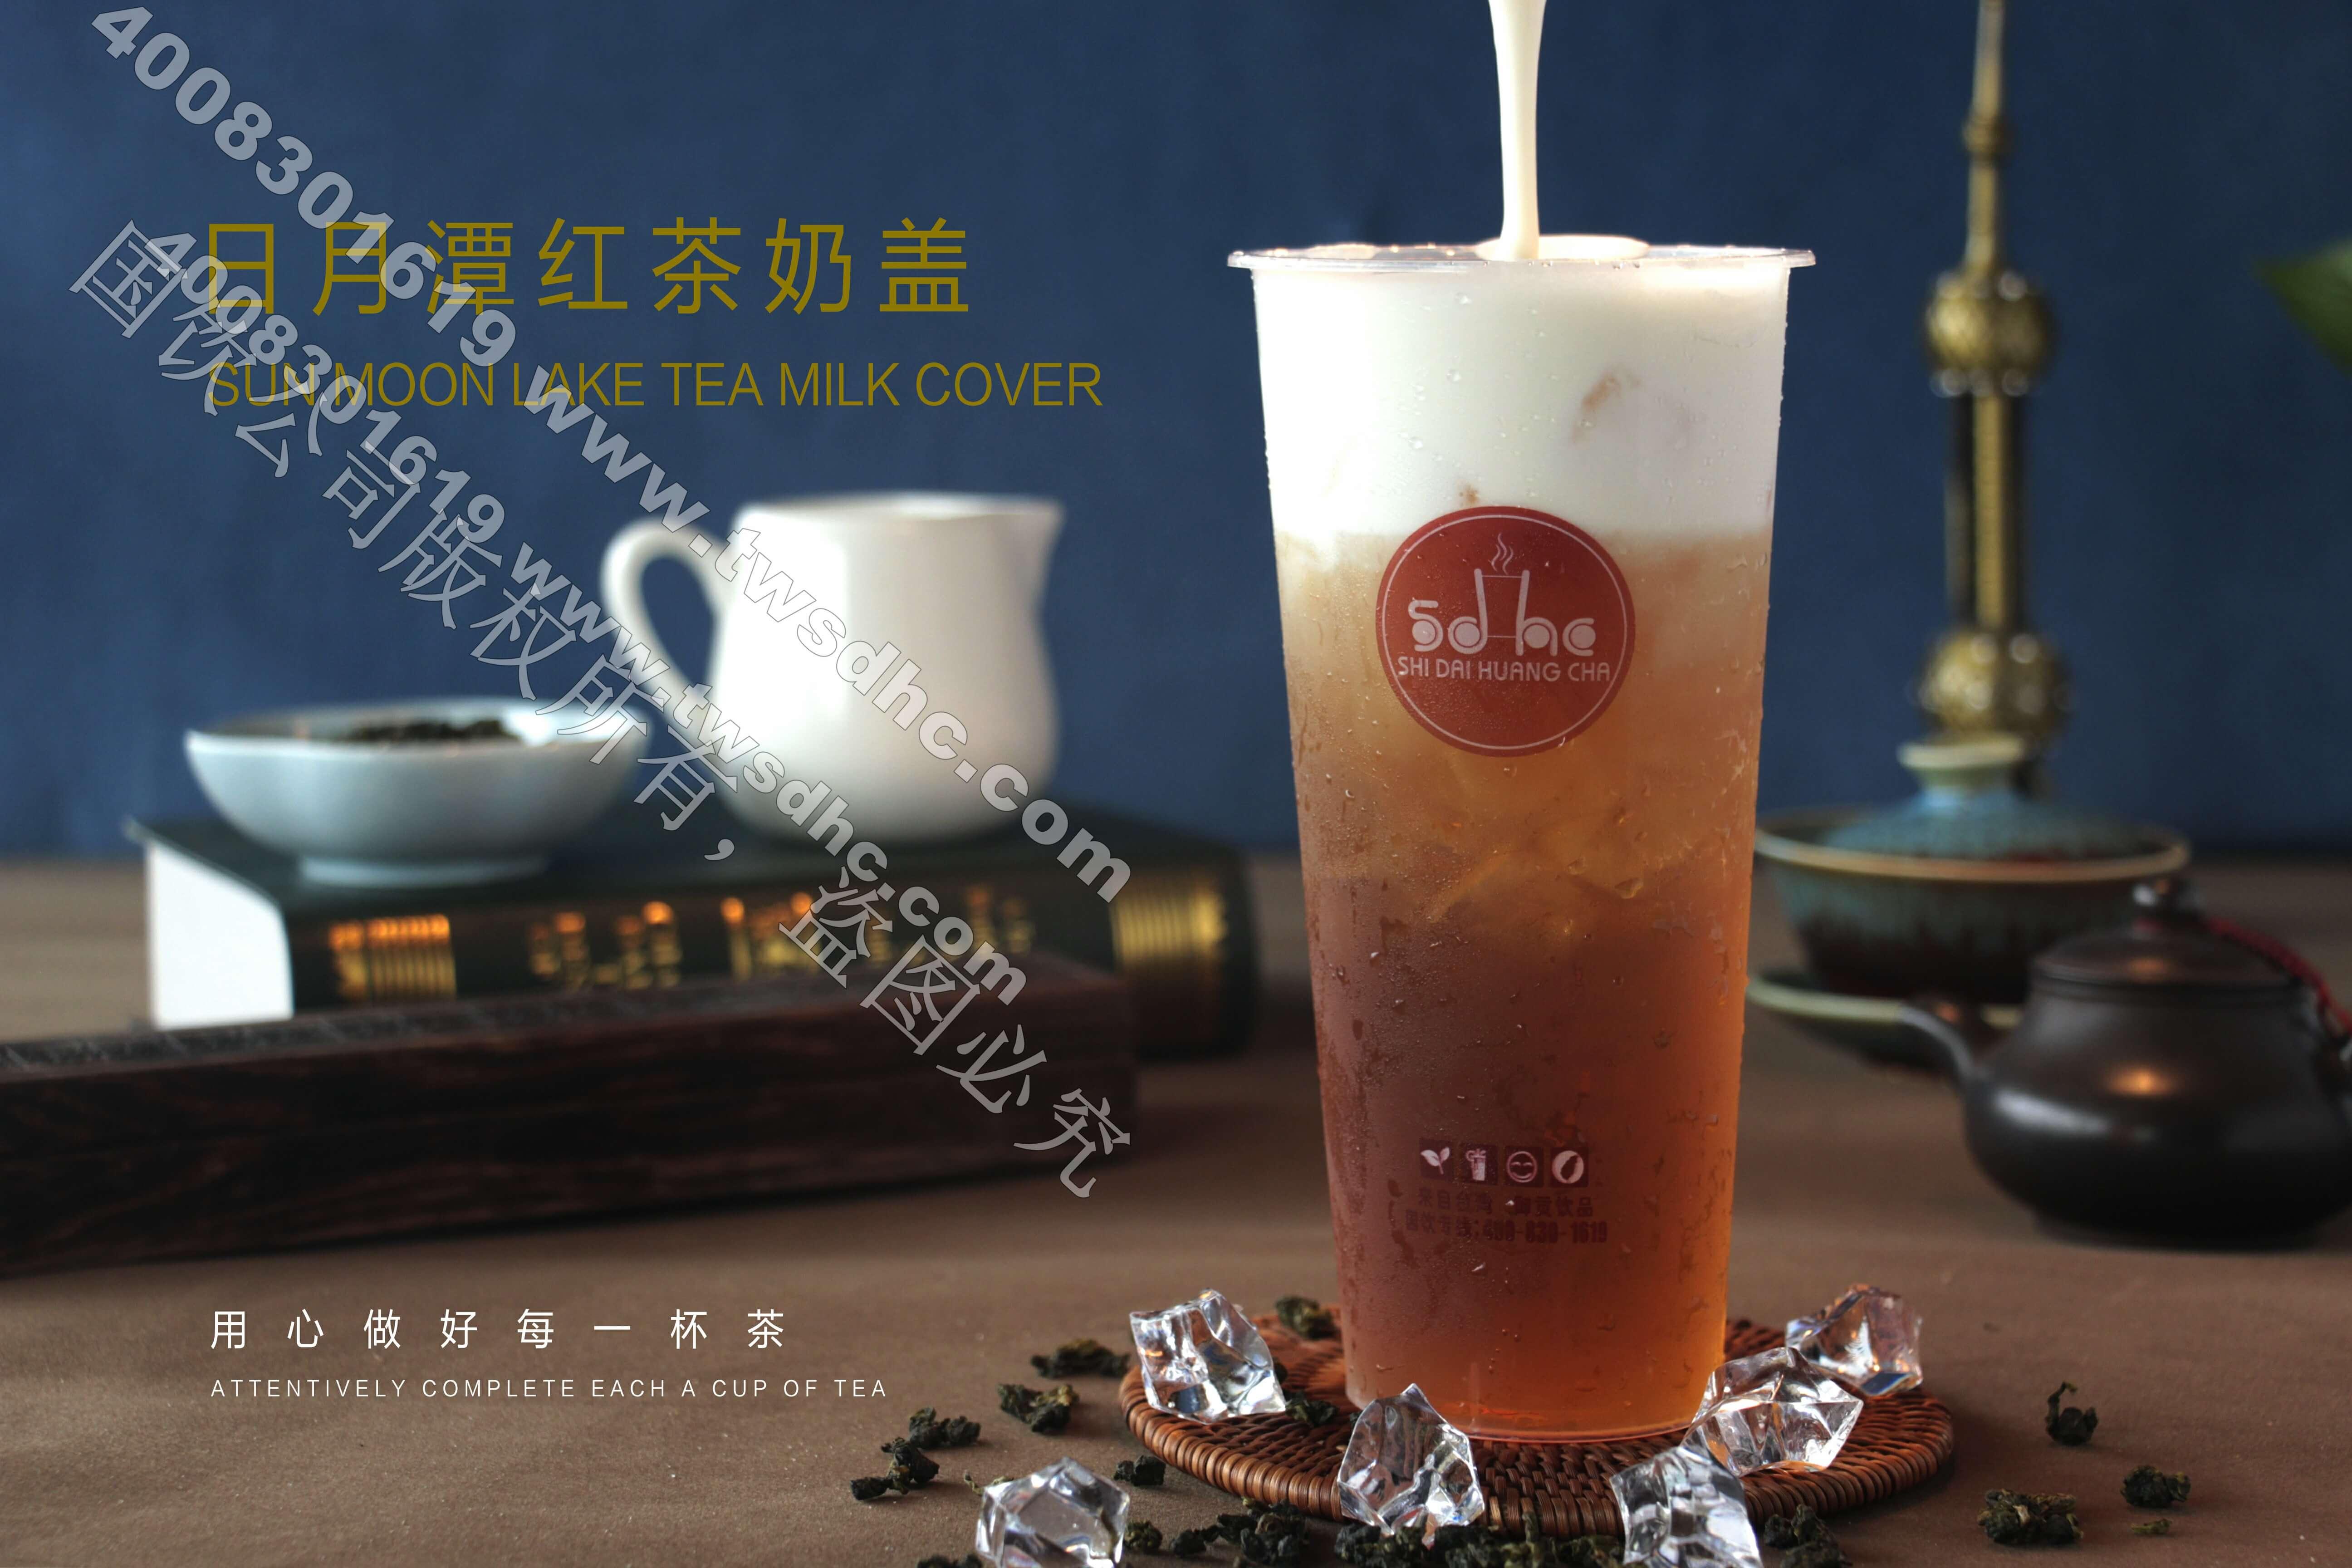 世代皇茶图5